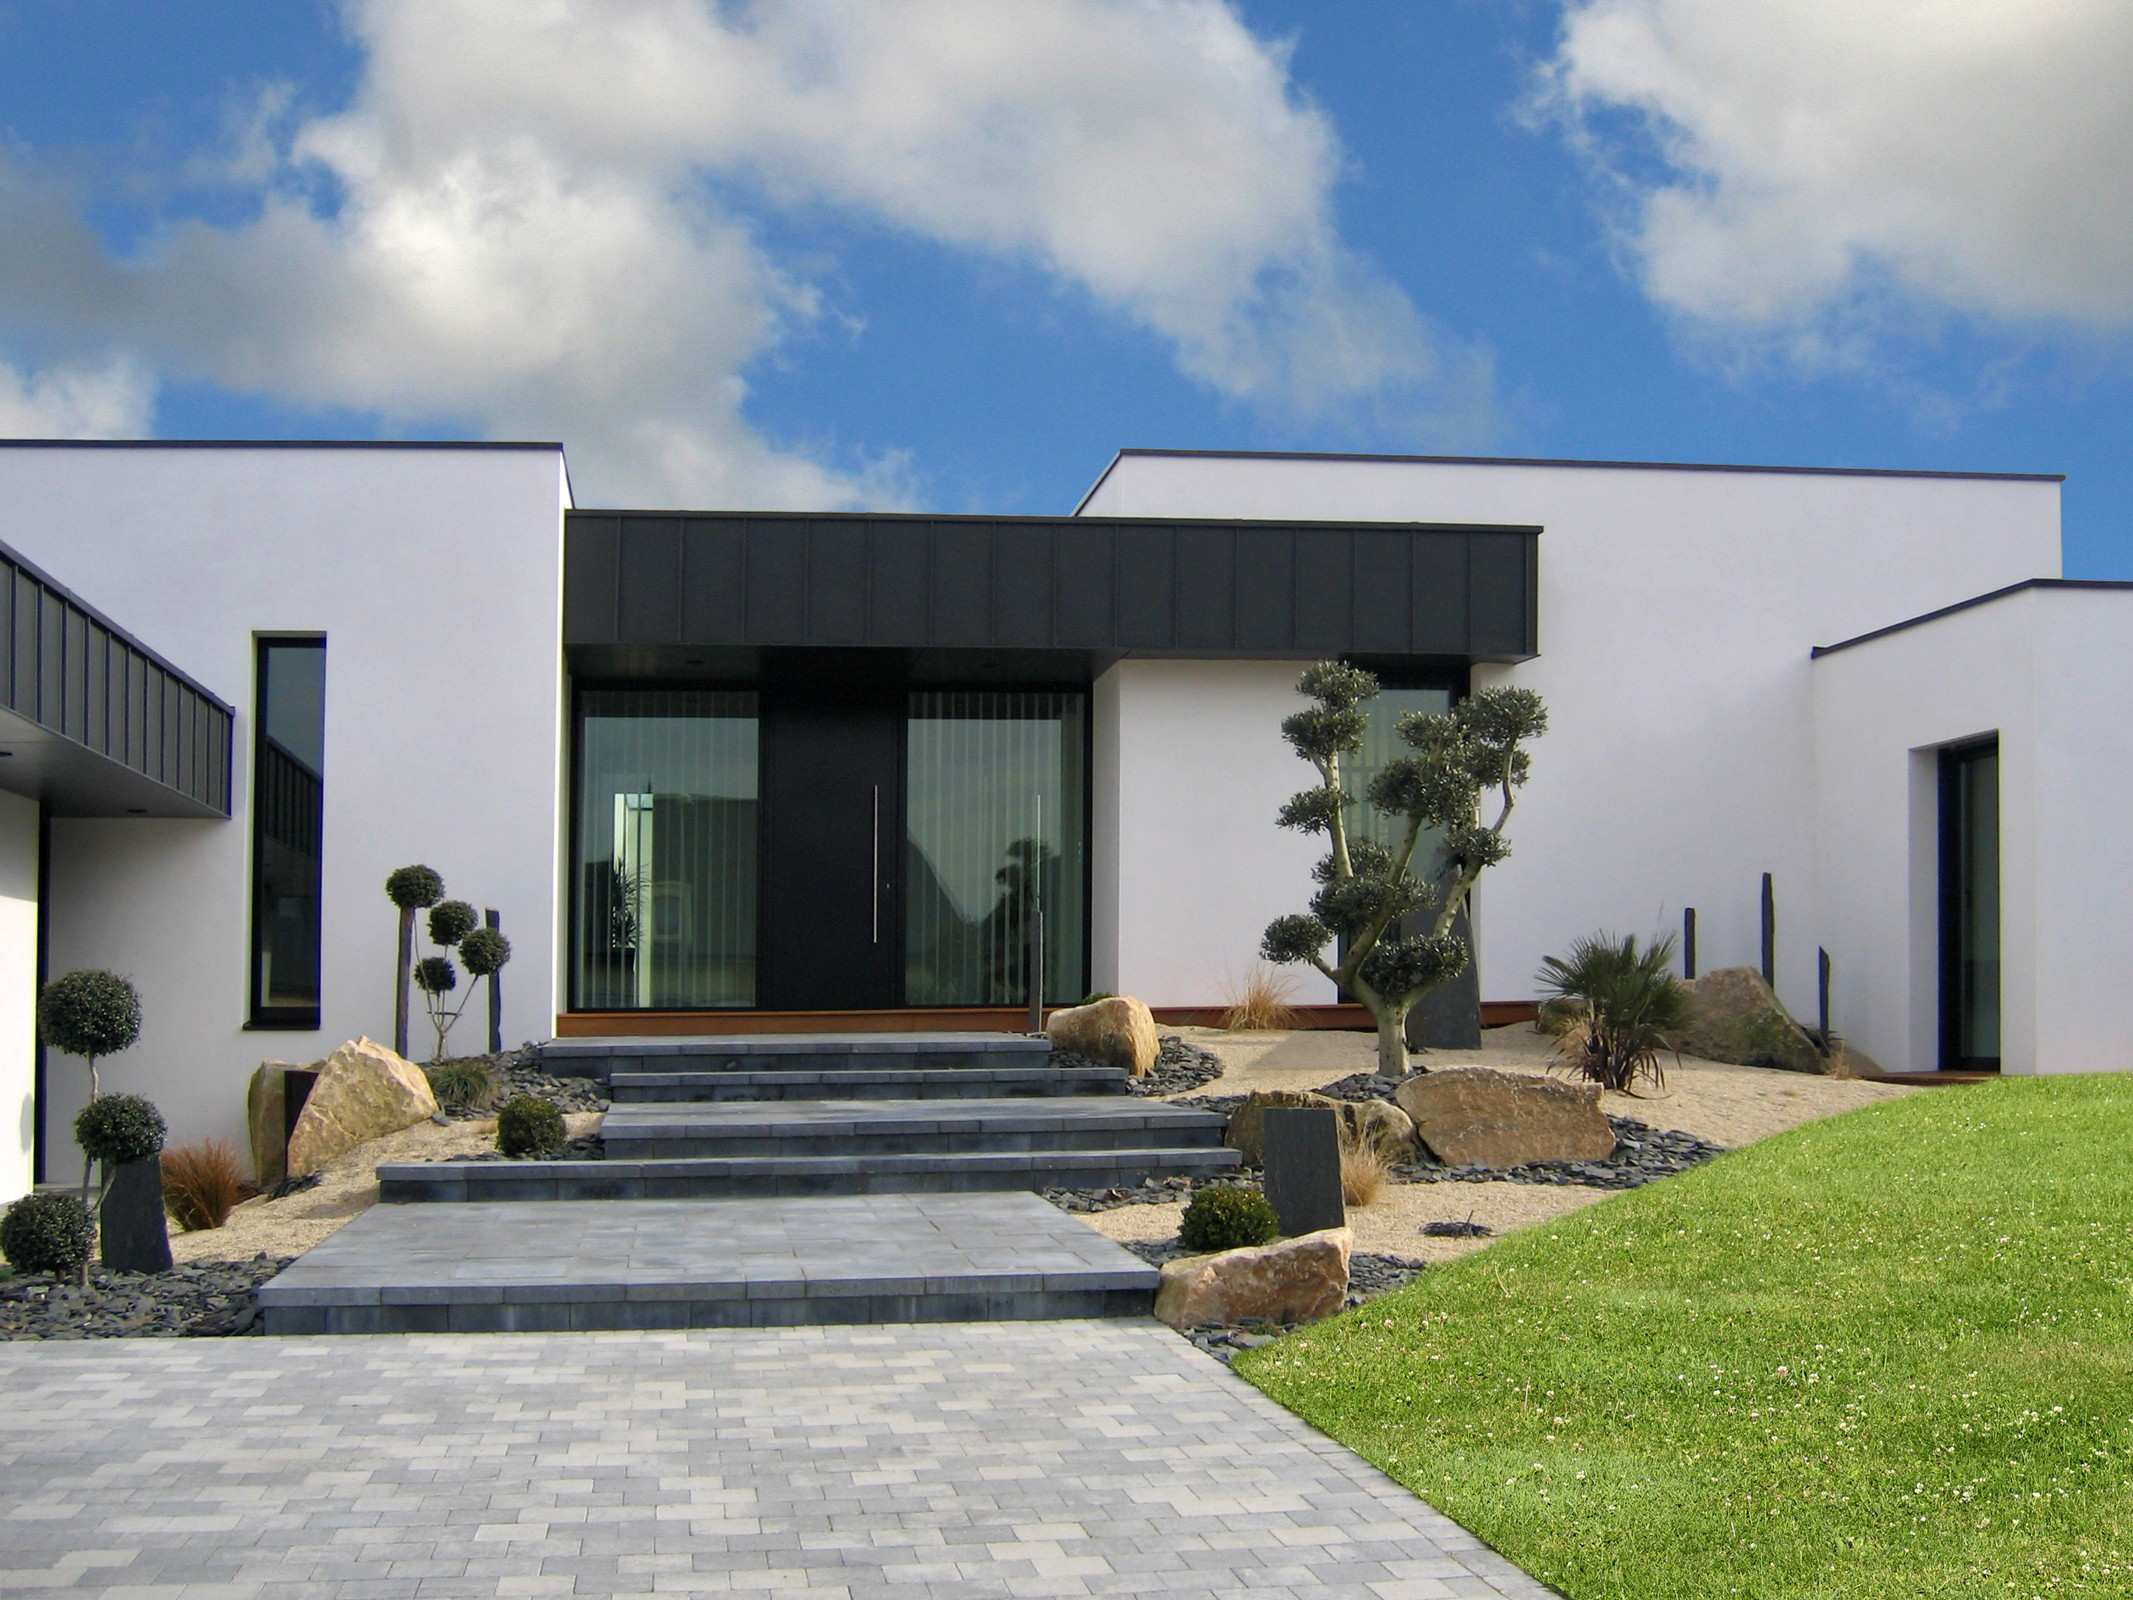 Decoration Exterieure D\'une Maison | Decoration Facade Exterieur ...